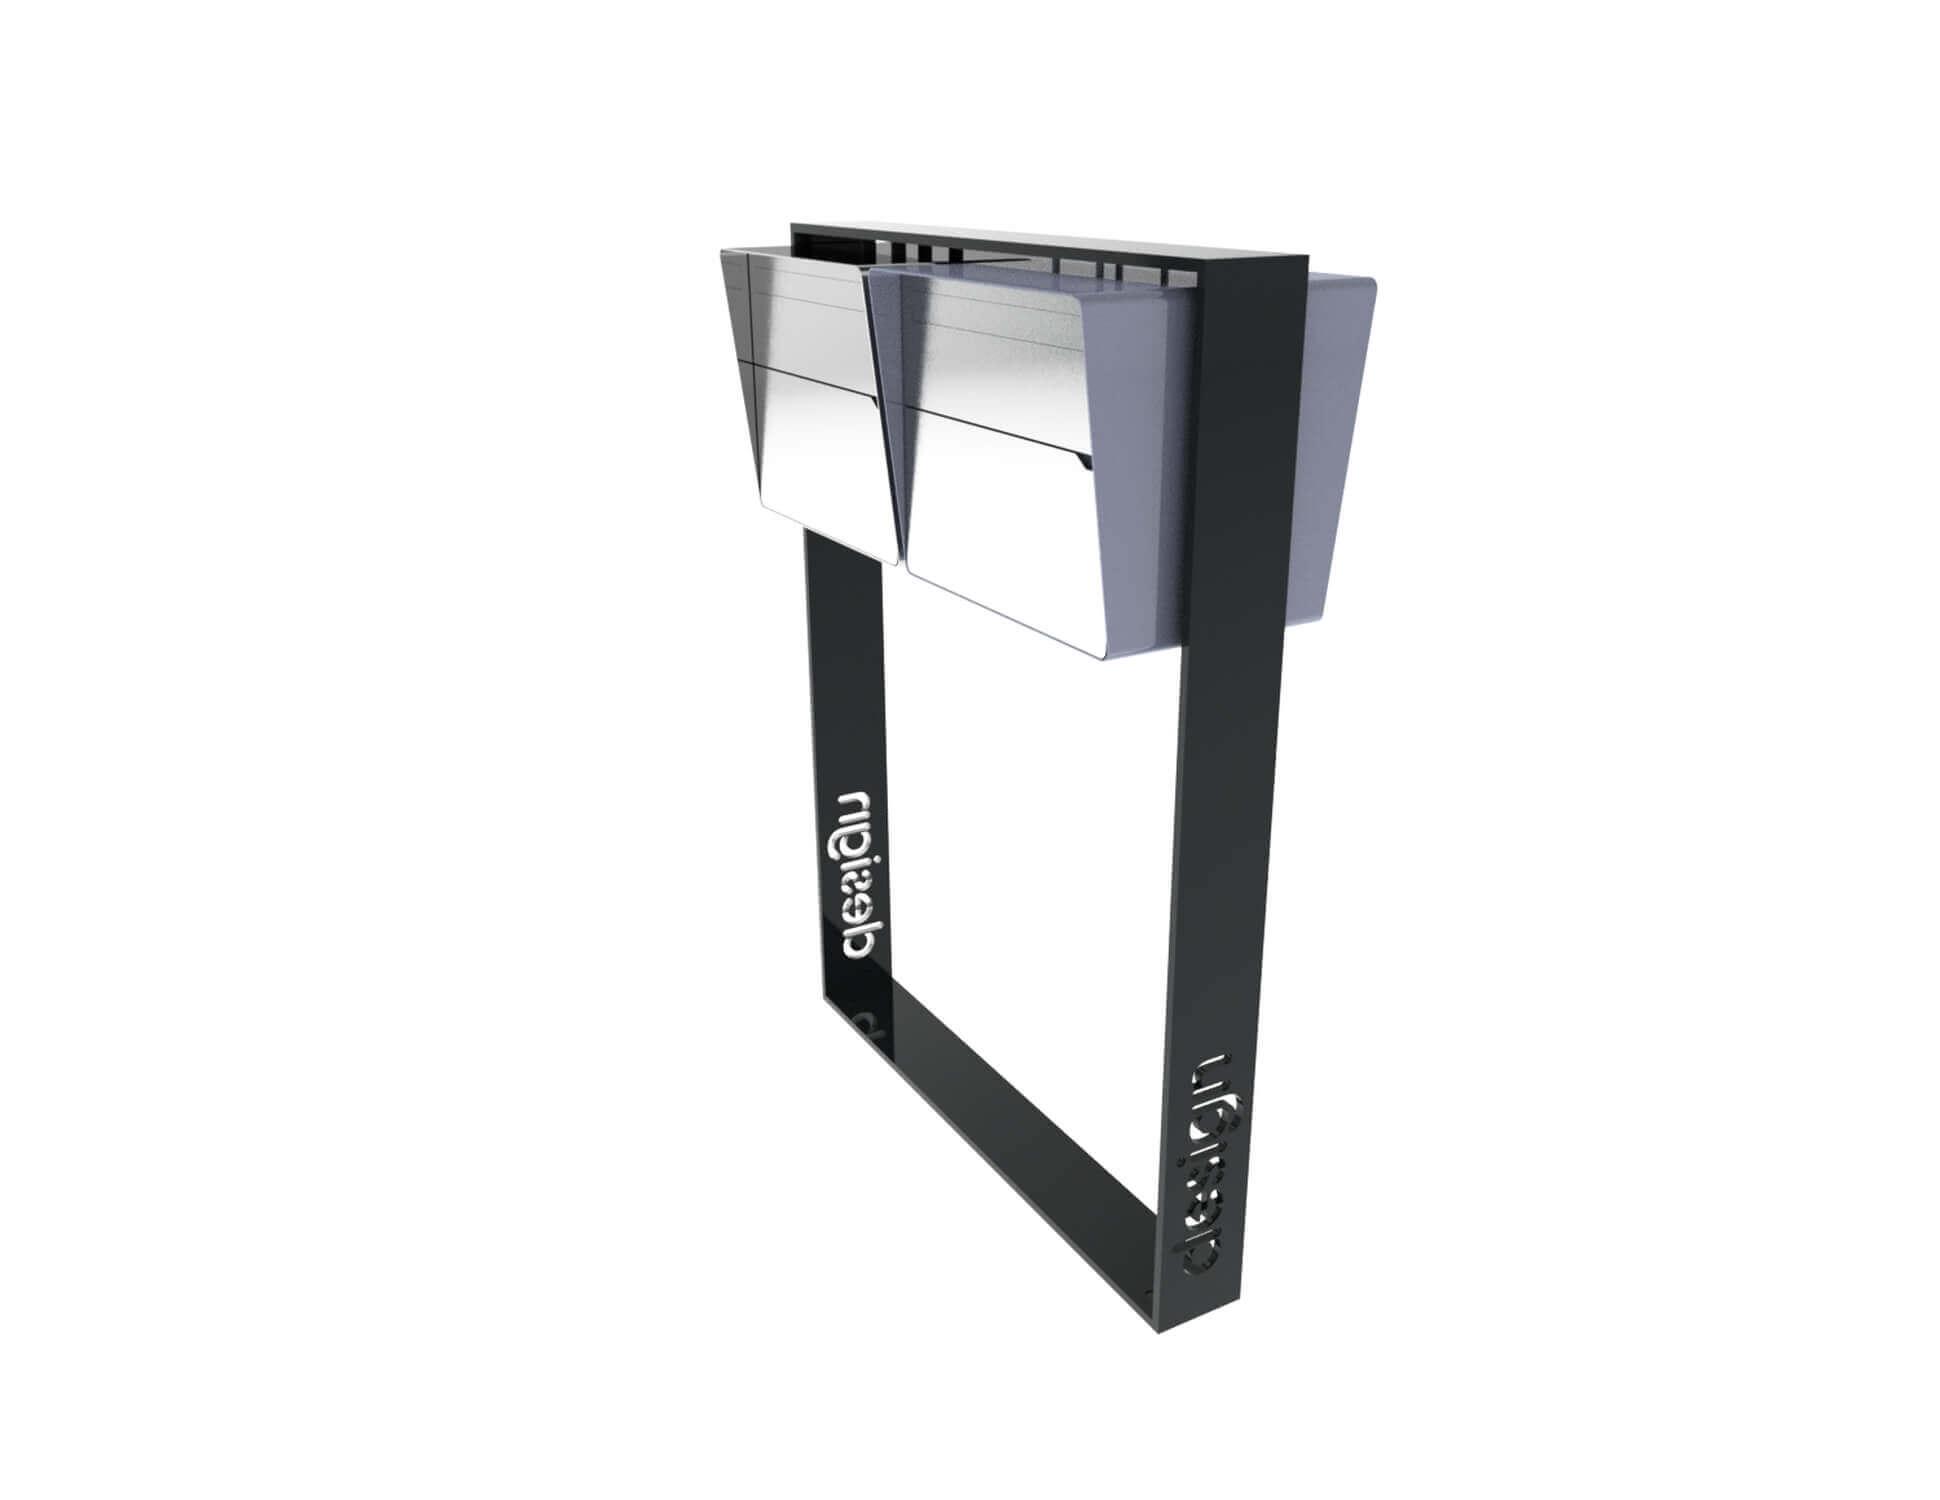 Design Briefkastenanlage Brevis 2er Horizontal